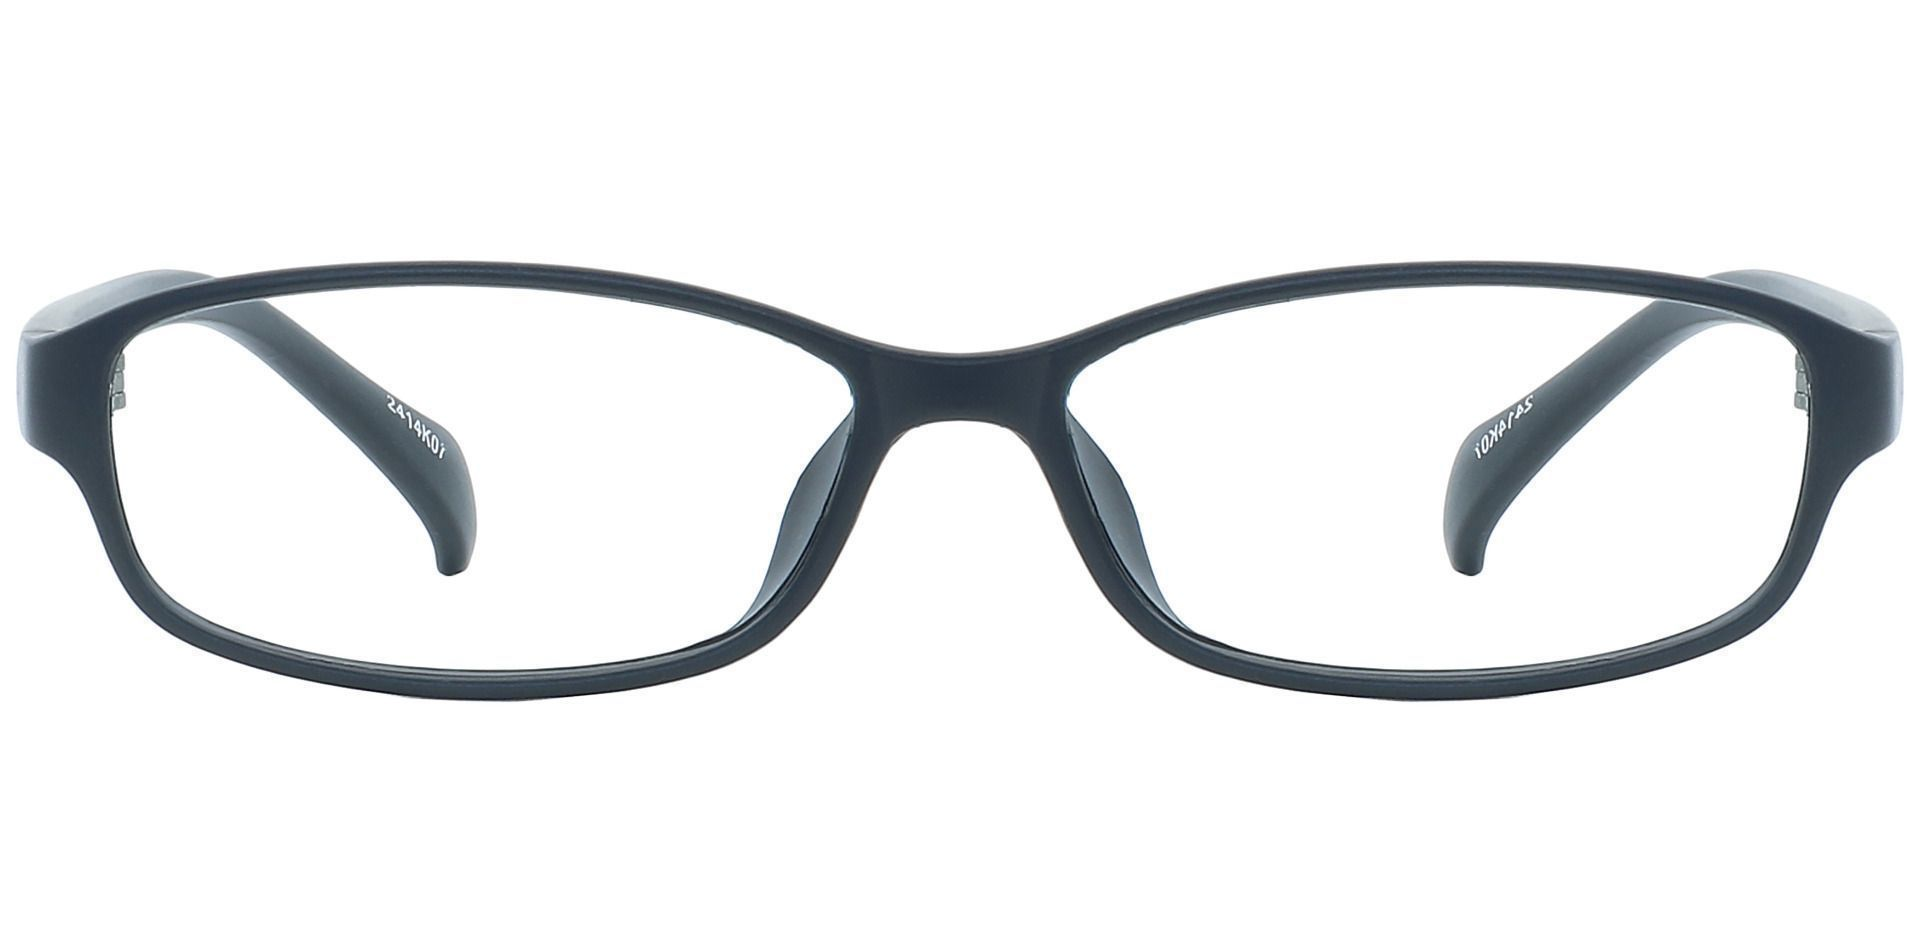 Pat Rectangle Blue Light Blocking Glasses - Black